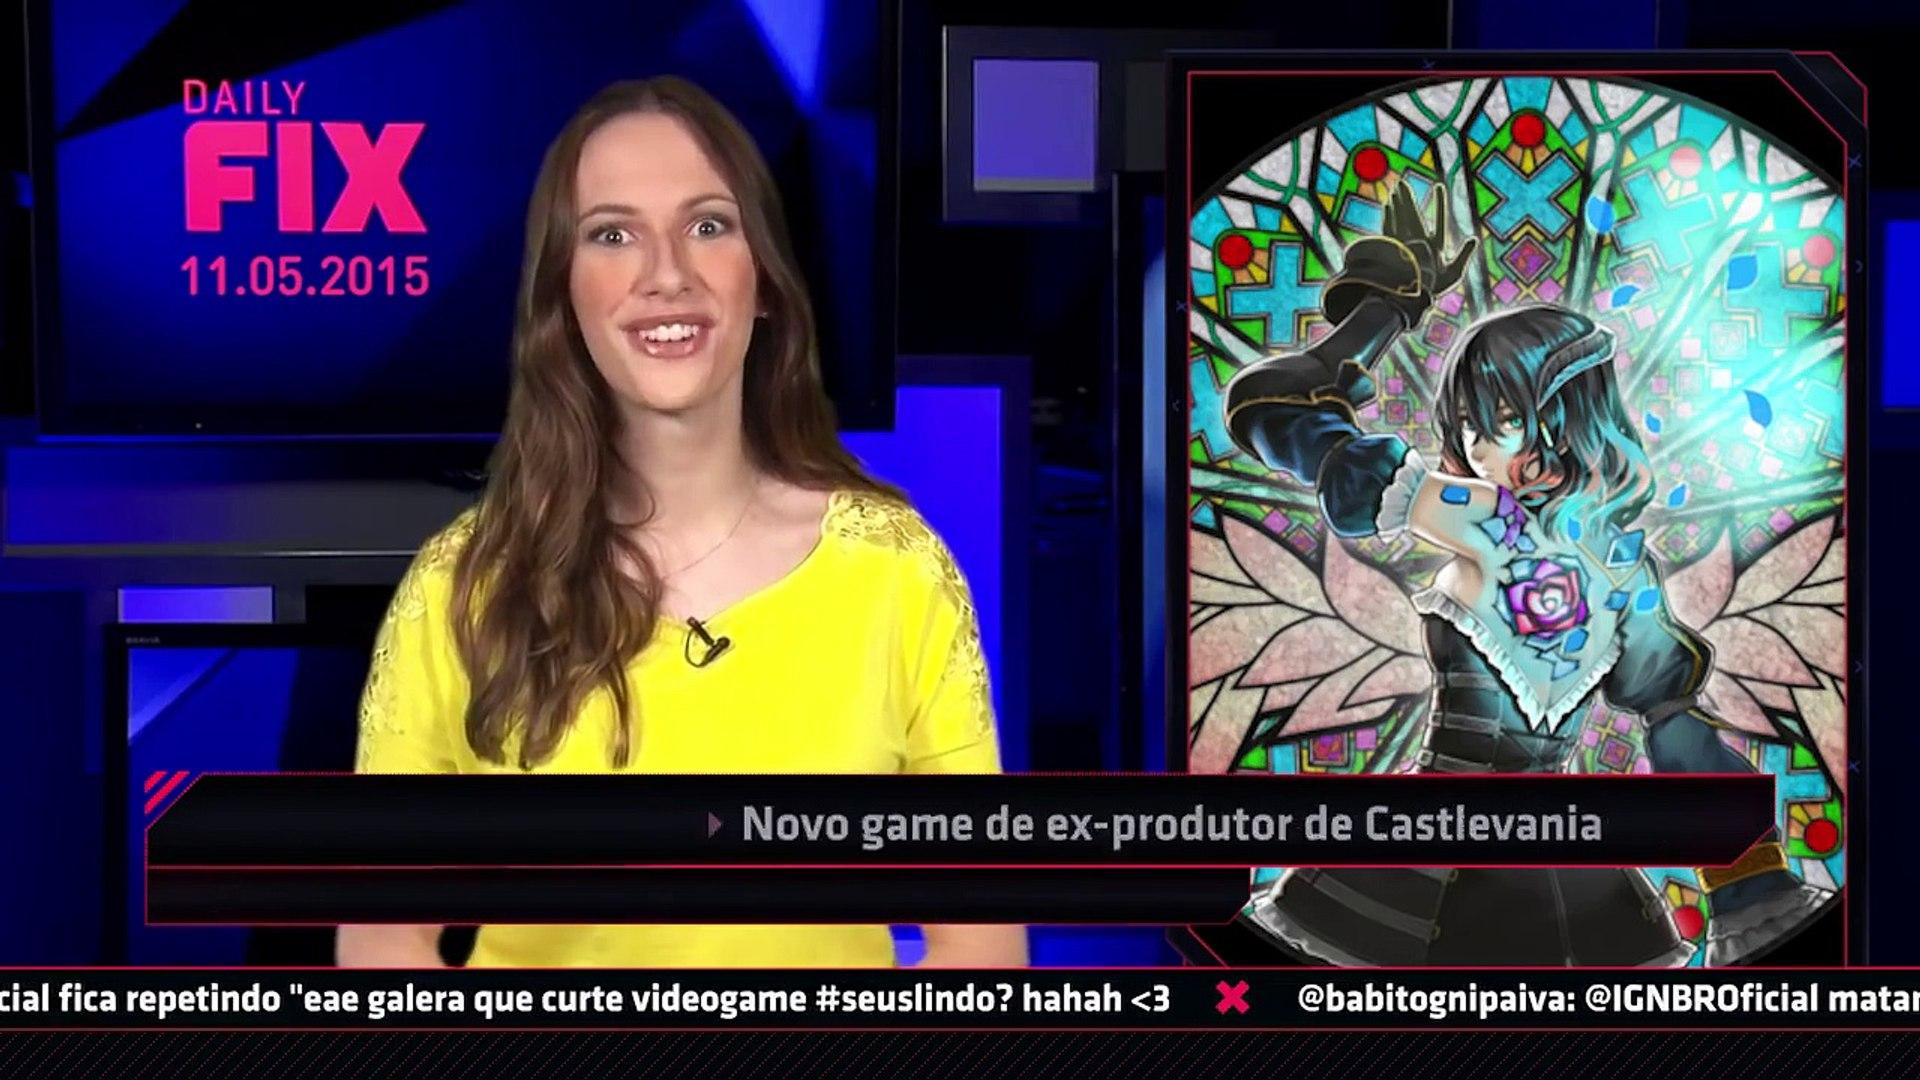 A petição por FF15 em português, o sucesso de The Witcher III, a volta de Arquivo X - IGN Daily Fix